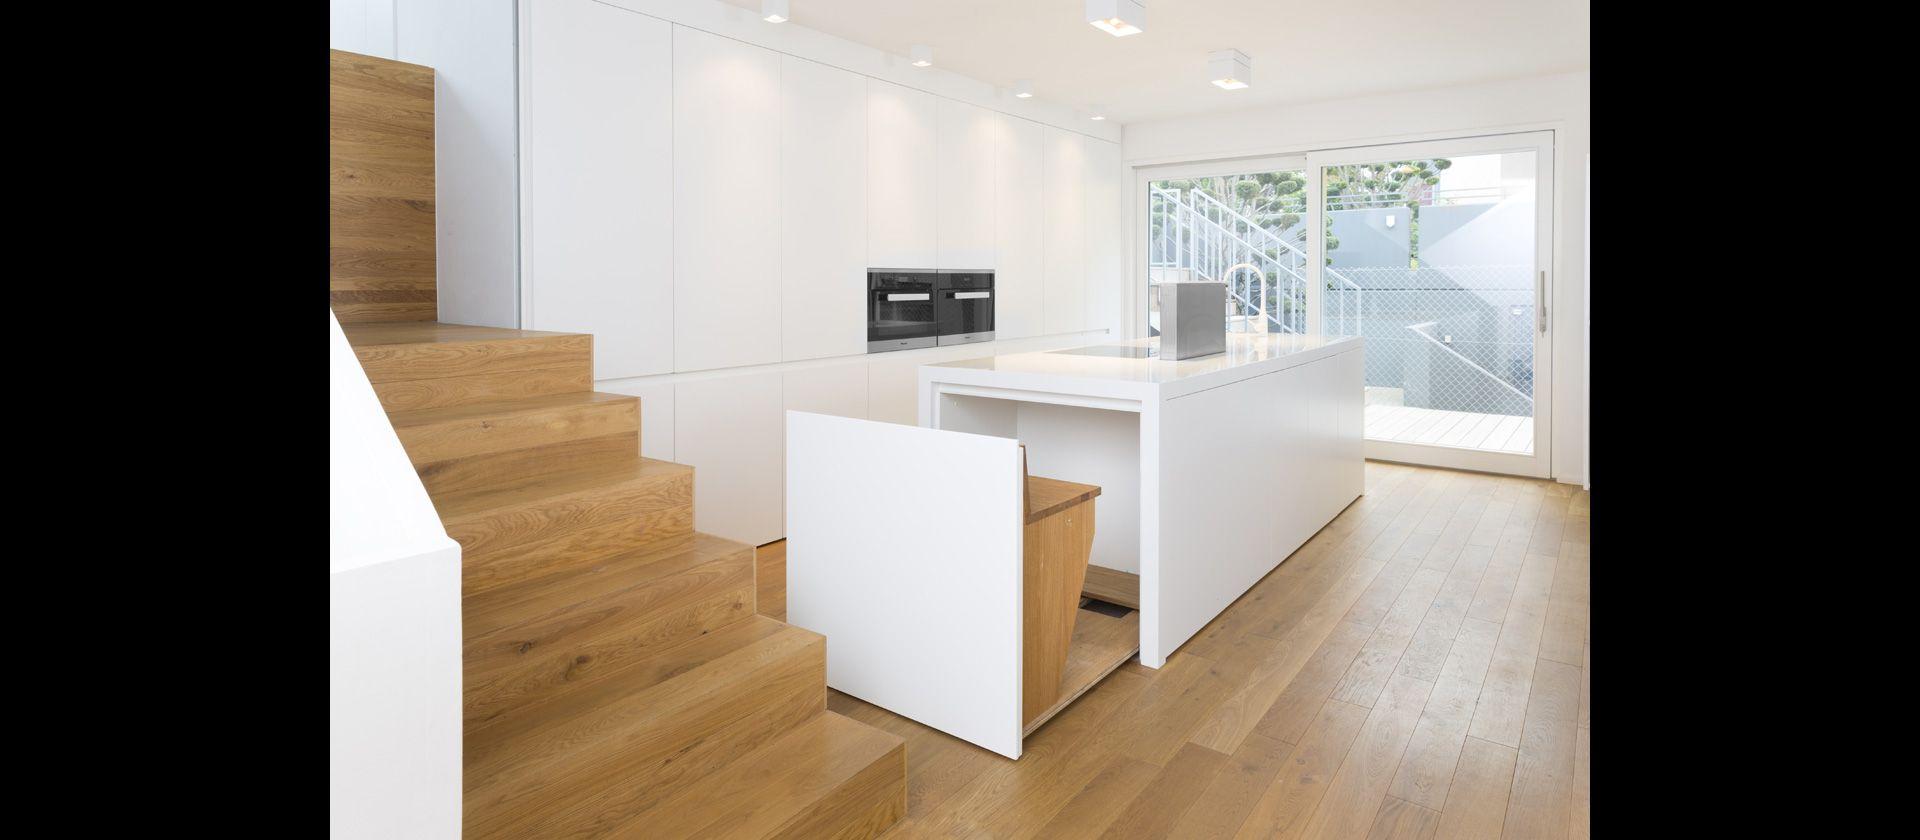 küche im wohnraum weiss glänzend eiche natur mineralwerkstoff